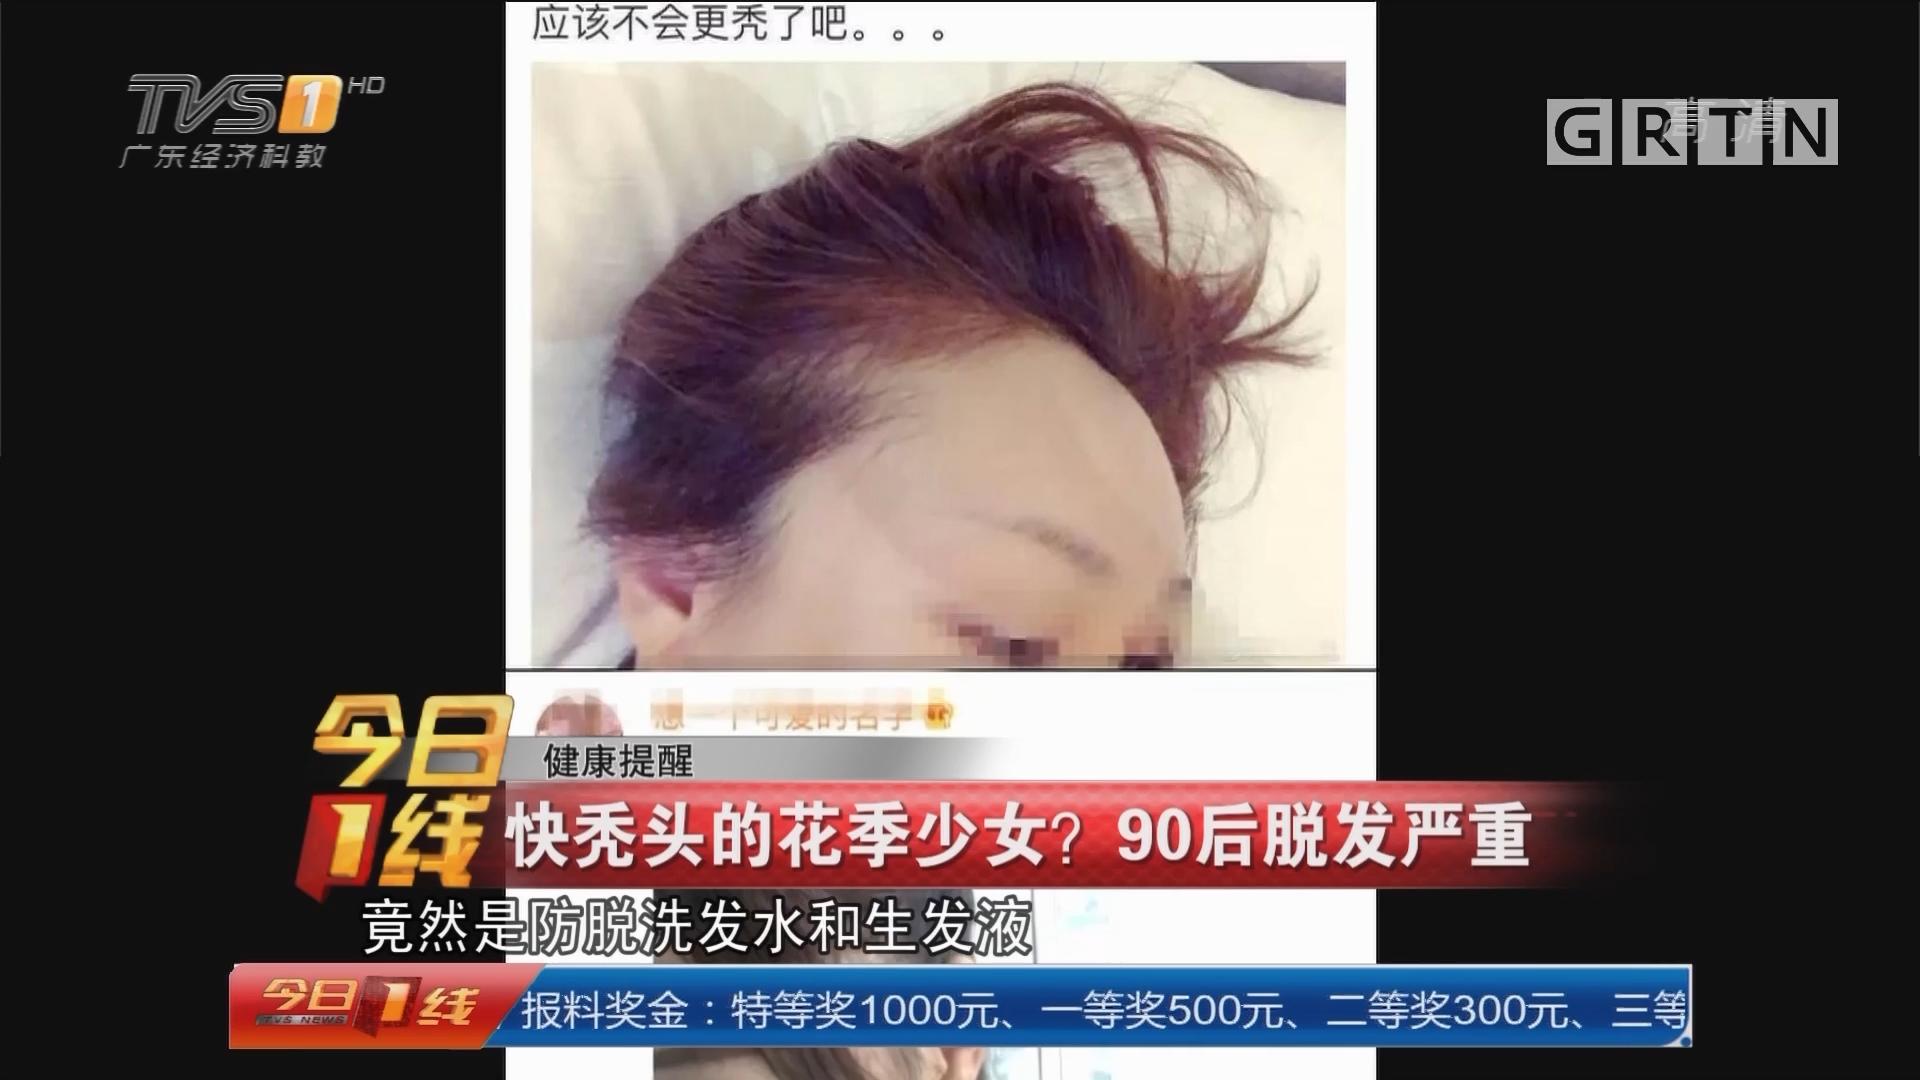 健康提醒:快秃头的花季少女?90后脱发严重